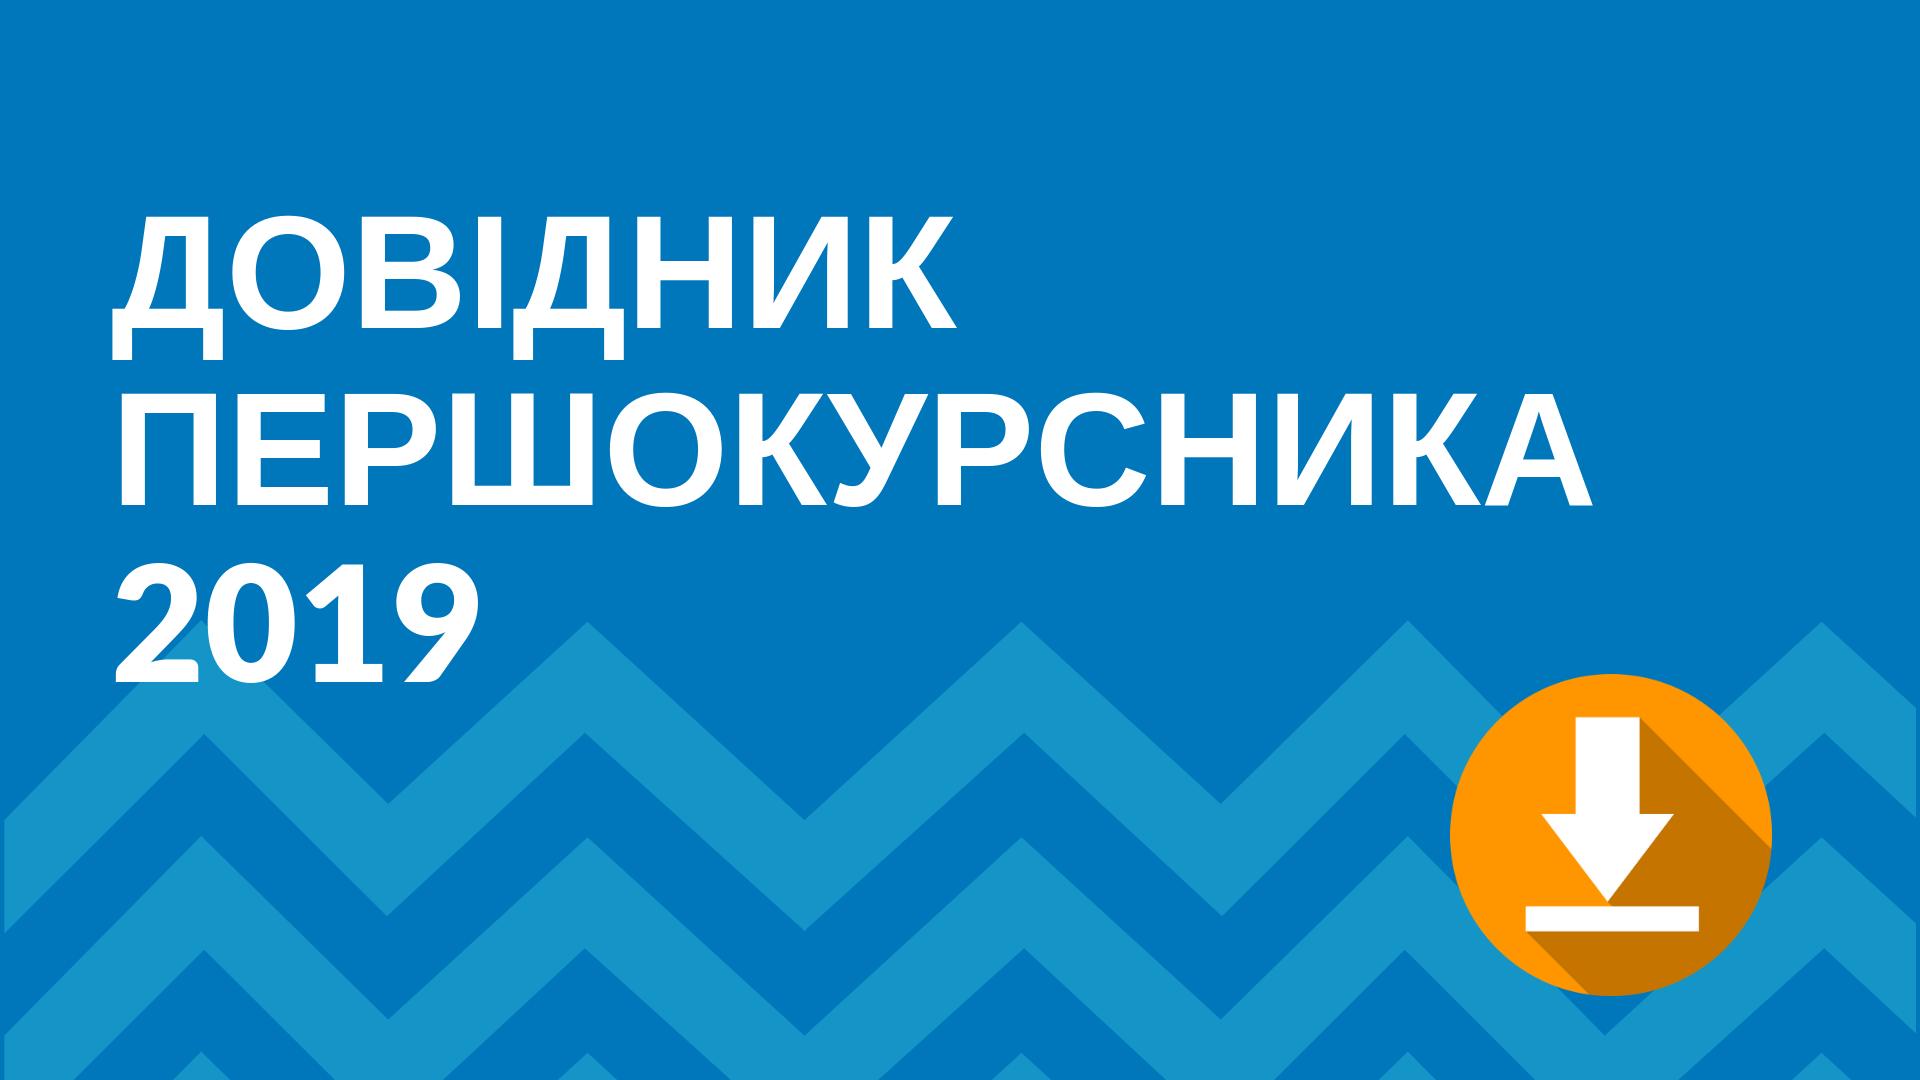 Довідник першокурсника ХНУМГ 2019